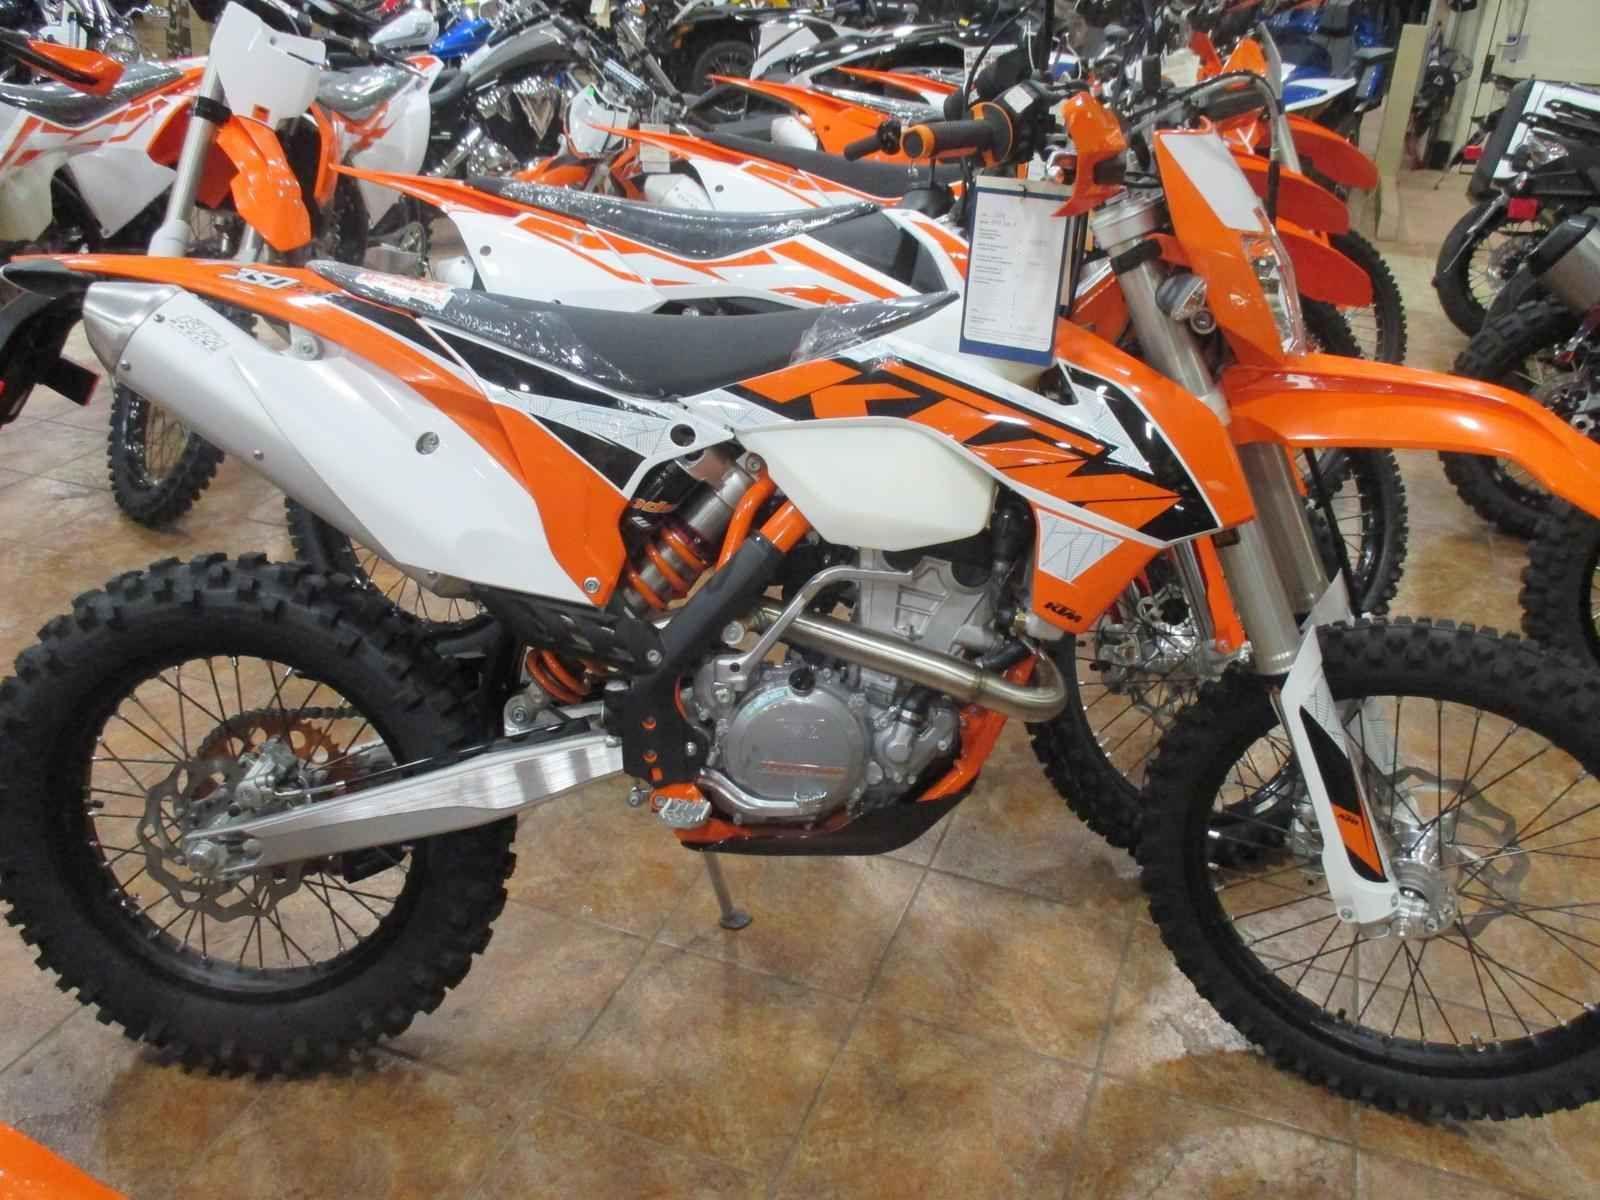 2016 KTM 350 EXC Ktm, Ktm motorcycles, New ktm